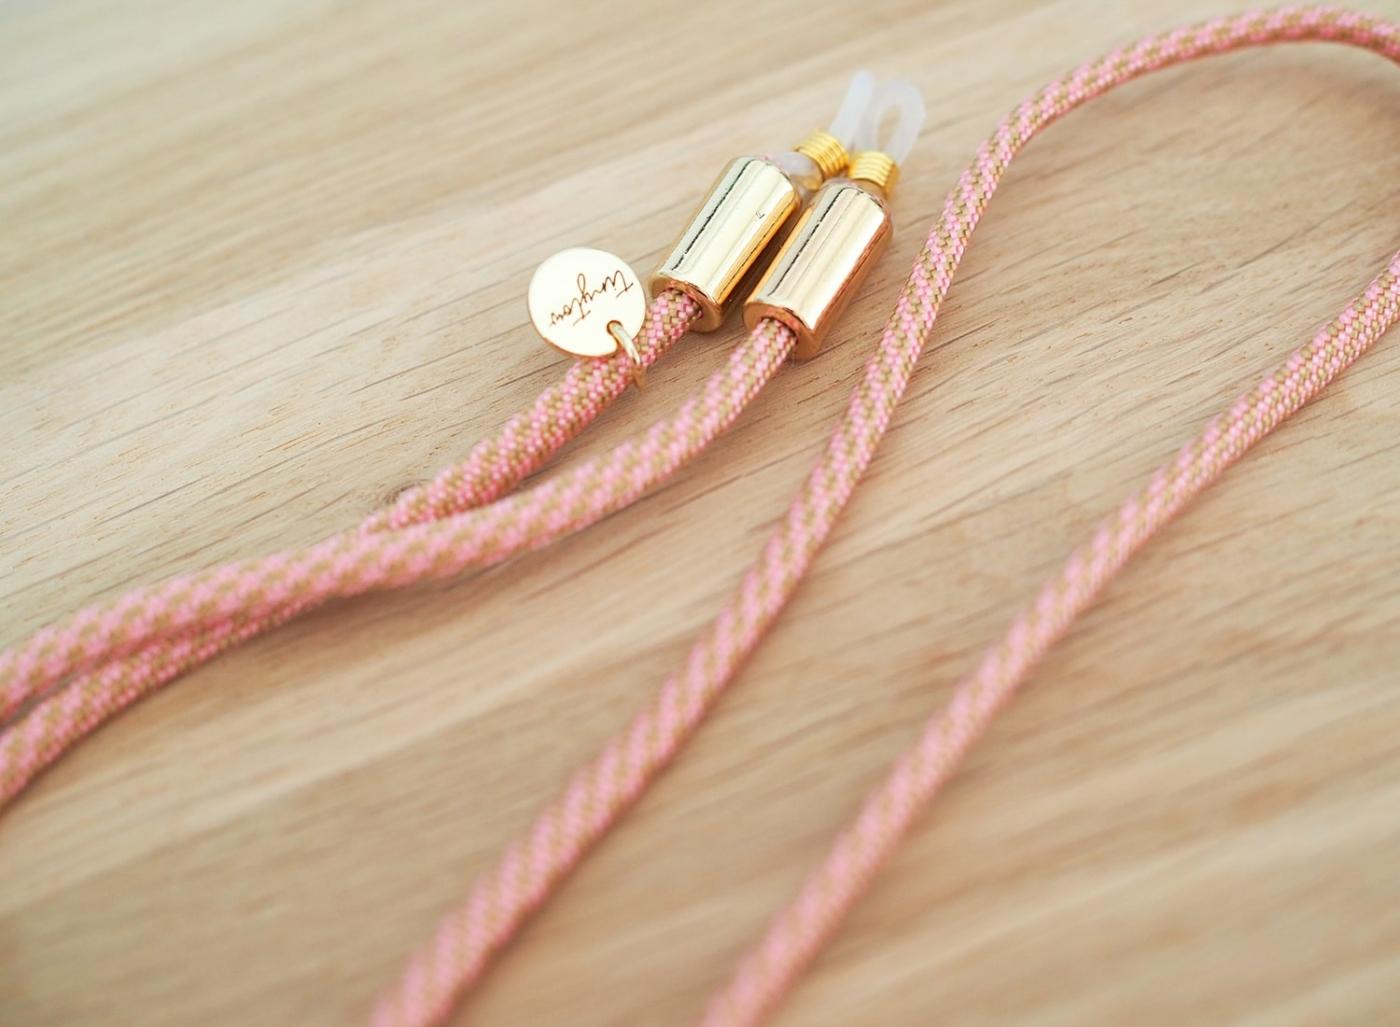 Gemustertes Brillenband in rosa mit goldenen Details